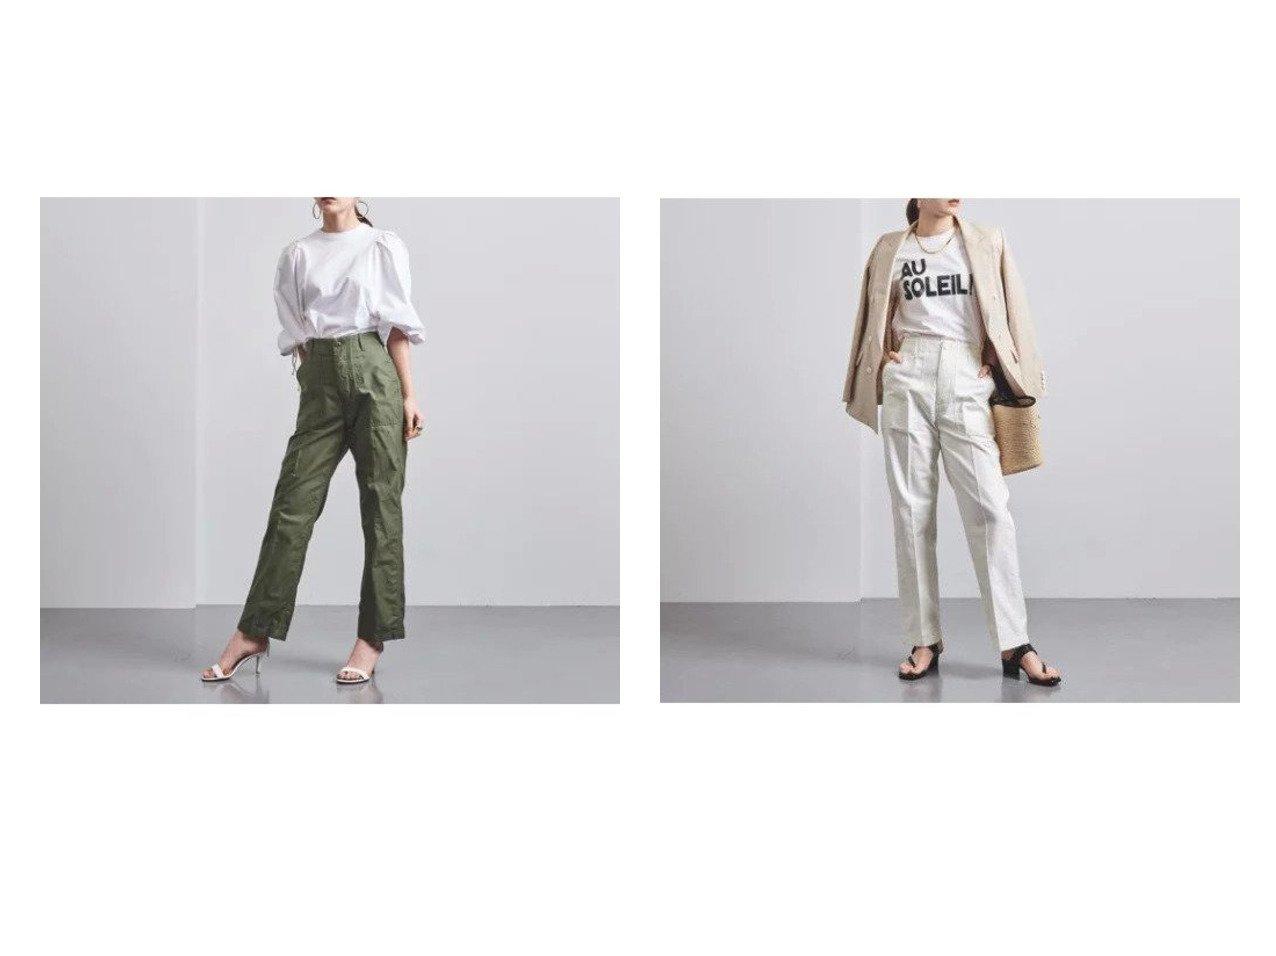 【UNITED ARROWS/ユナイテッドアローズ】のUWSC ベイカー パンツ 21SS† パンツのおすすめ!人気トレンド・レディースファッションの通販 おすすめで人気の流行・トレンド、ファッションの通販商品 メンズファッション・キッズファッション・インテリア・家具・レディースファッション・服の通販 founy(ファニー) https://founy.com/ ファッション Fashion レディースファッション WOMEN パンツ Pants 春 抗菌 テーパード 定番 パッチ ポケット 別注 |ID:crp329100000009042